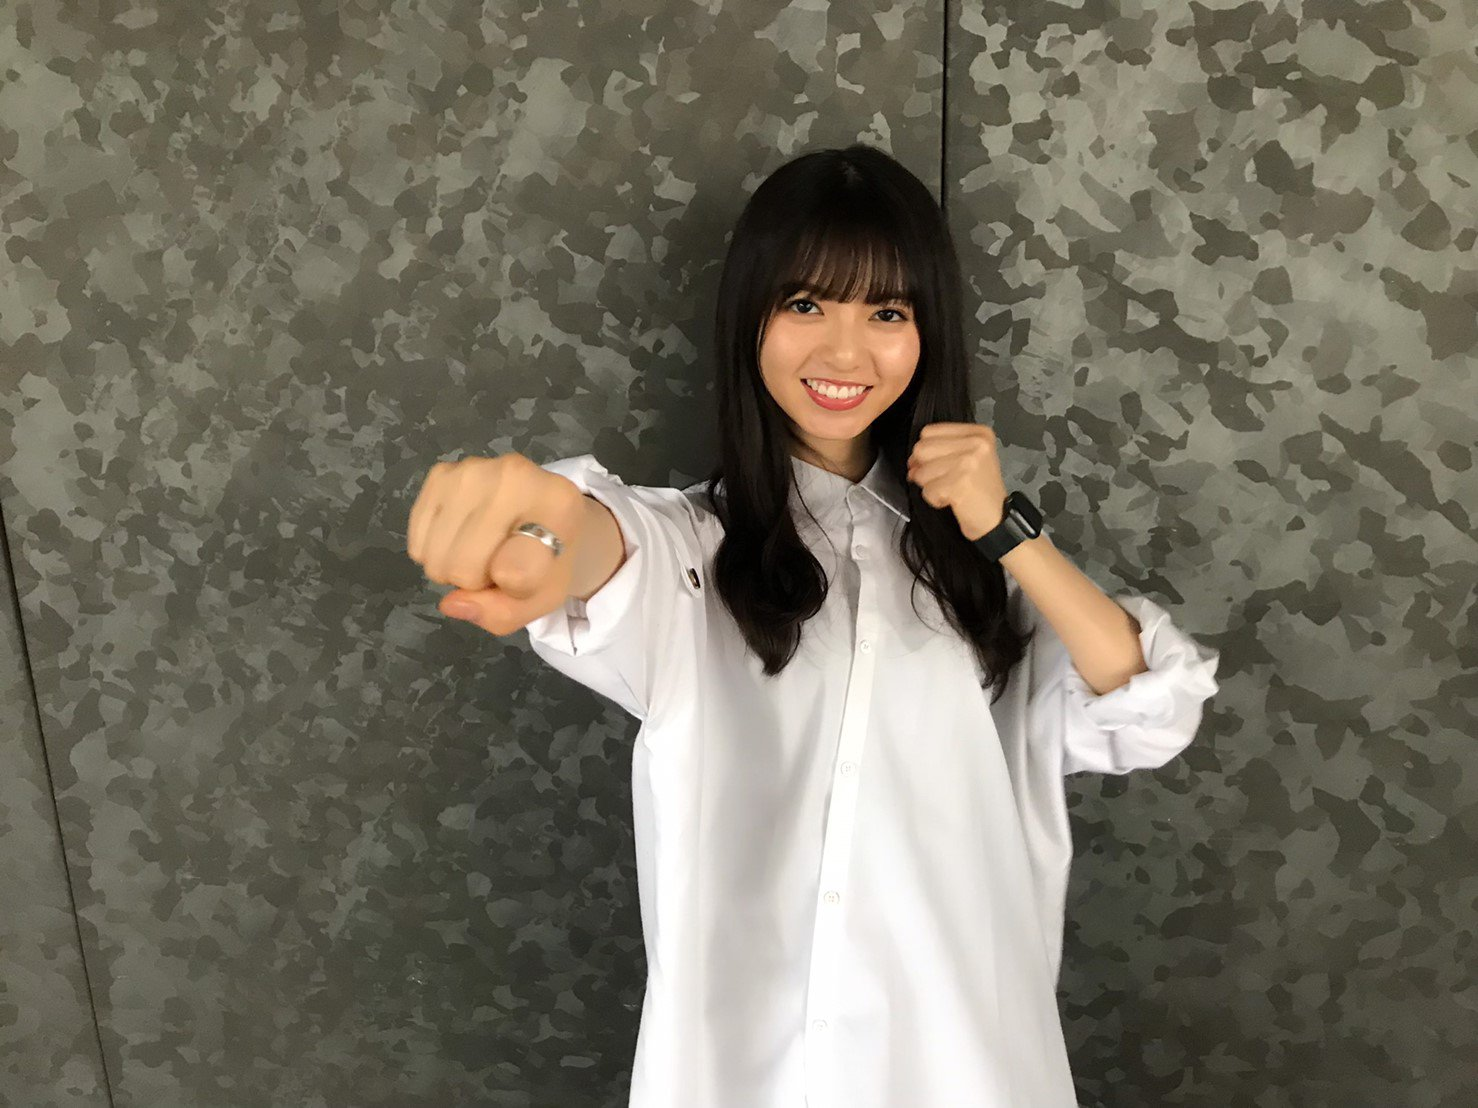 乃木坂46・齋藤飛鳥「気になるなあ」 映画『ジョーカー』で英語を学ぶ!